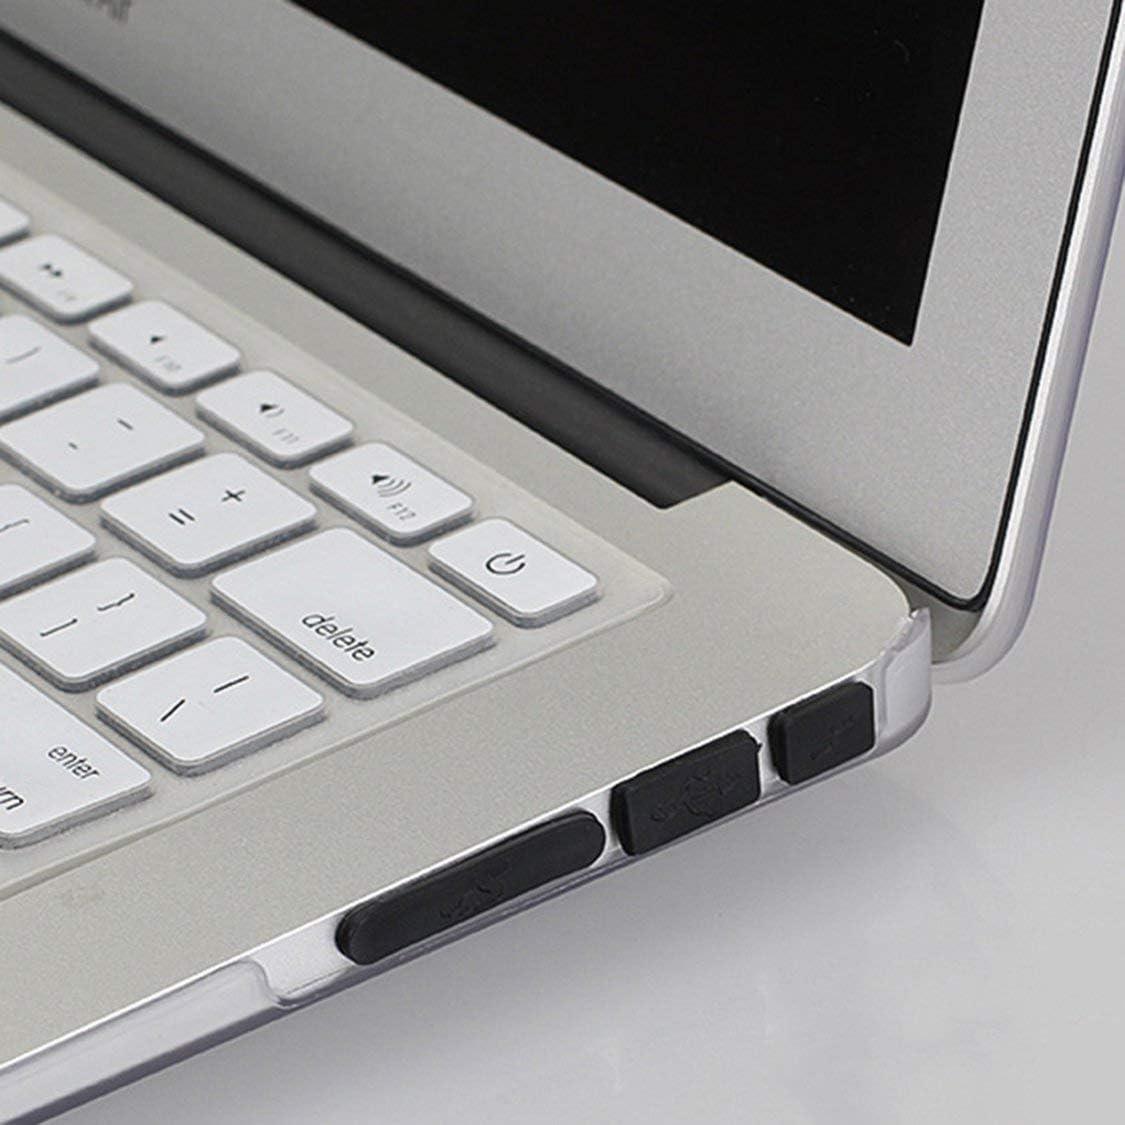 Vige 12 Teile//Satz Professionelle Silikon Anti-Staub-stecker Abdeckung Stopper Laptop Staubdicht USB Staubstecker Abdeckung Set Geeignet F/ür MacBook